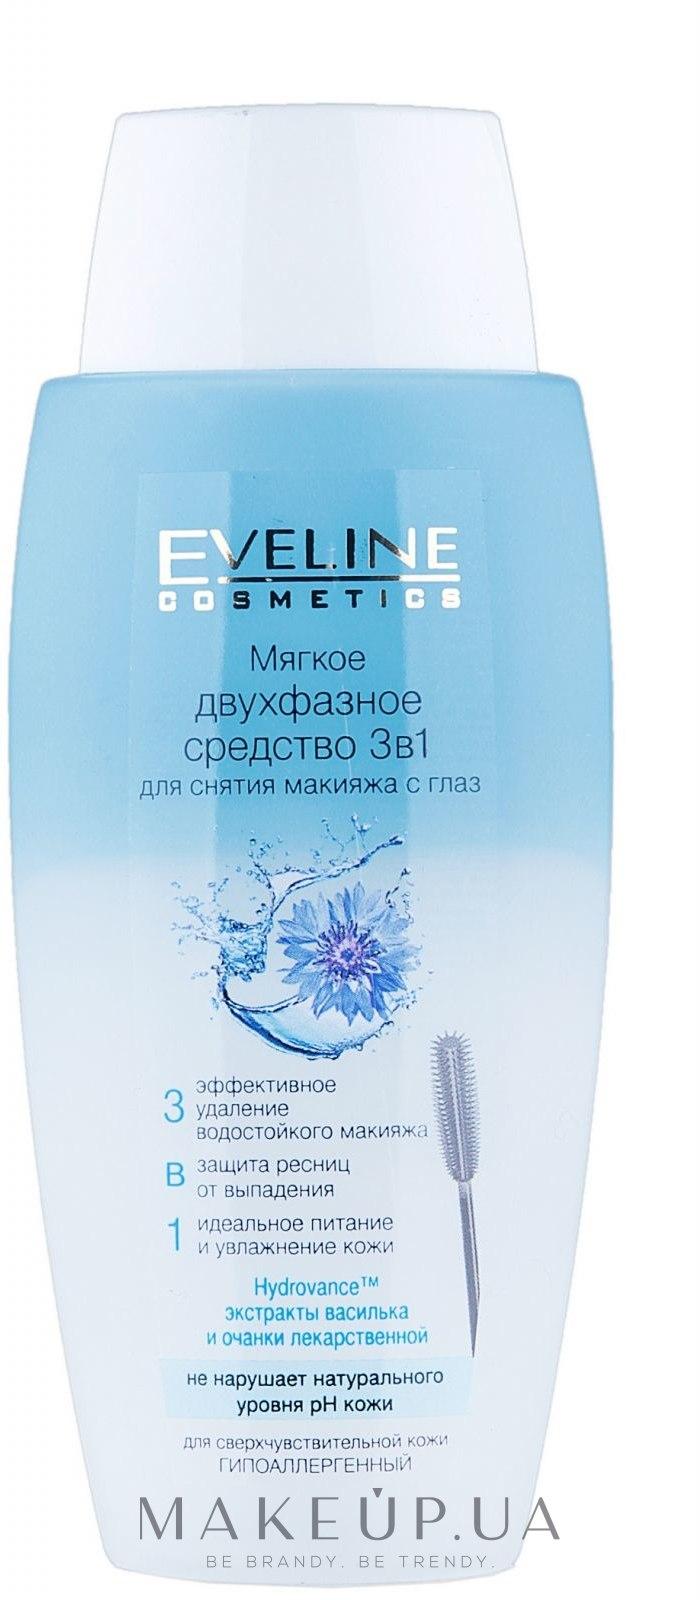 Эвелин 3в1 для снятия макияжа